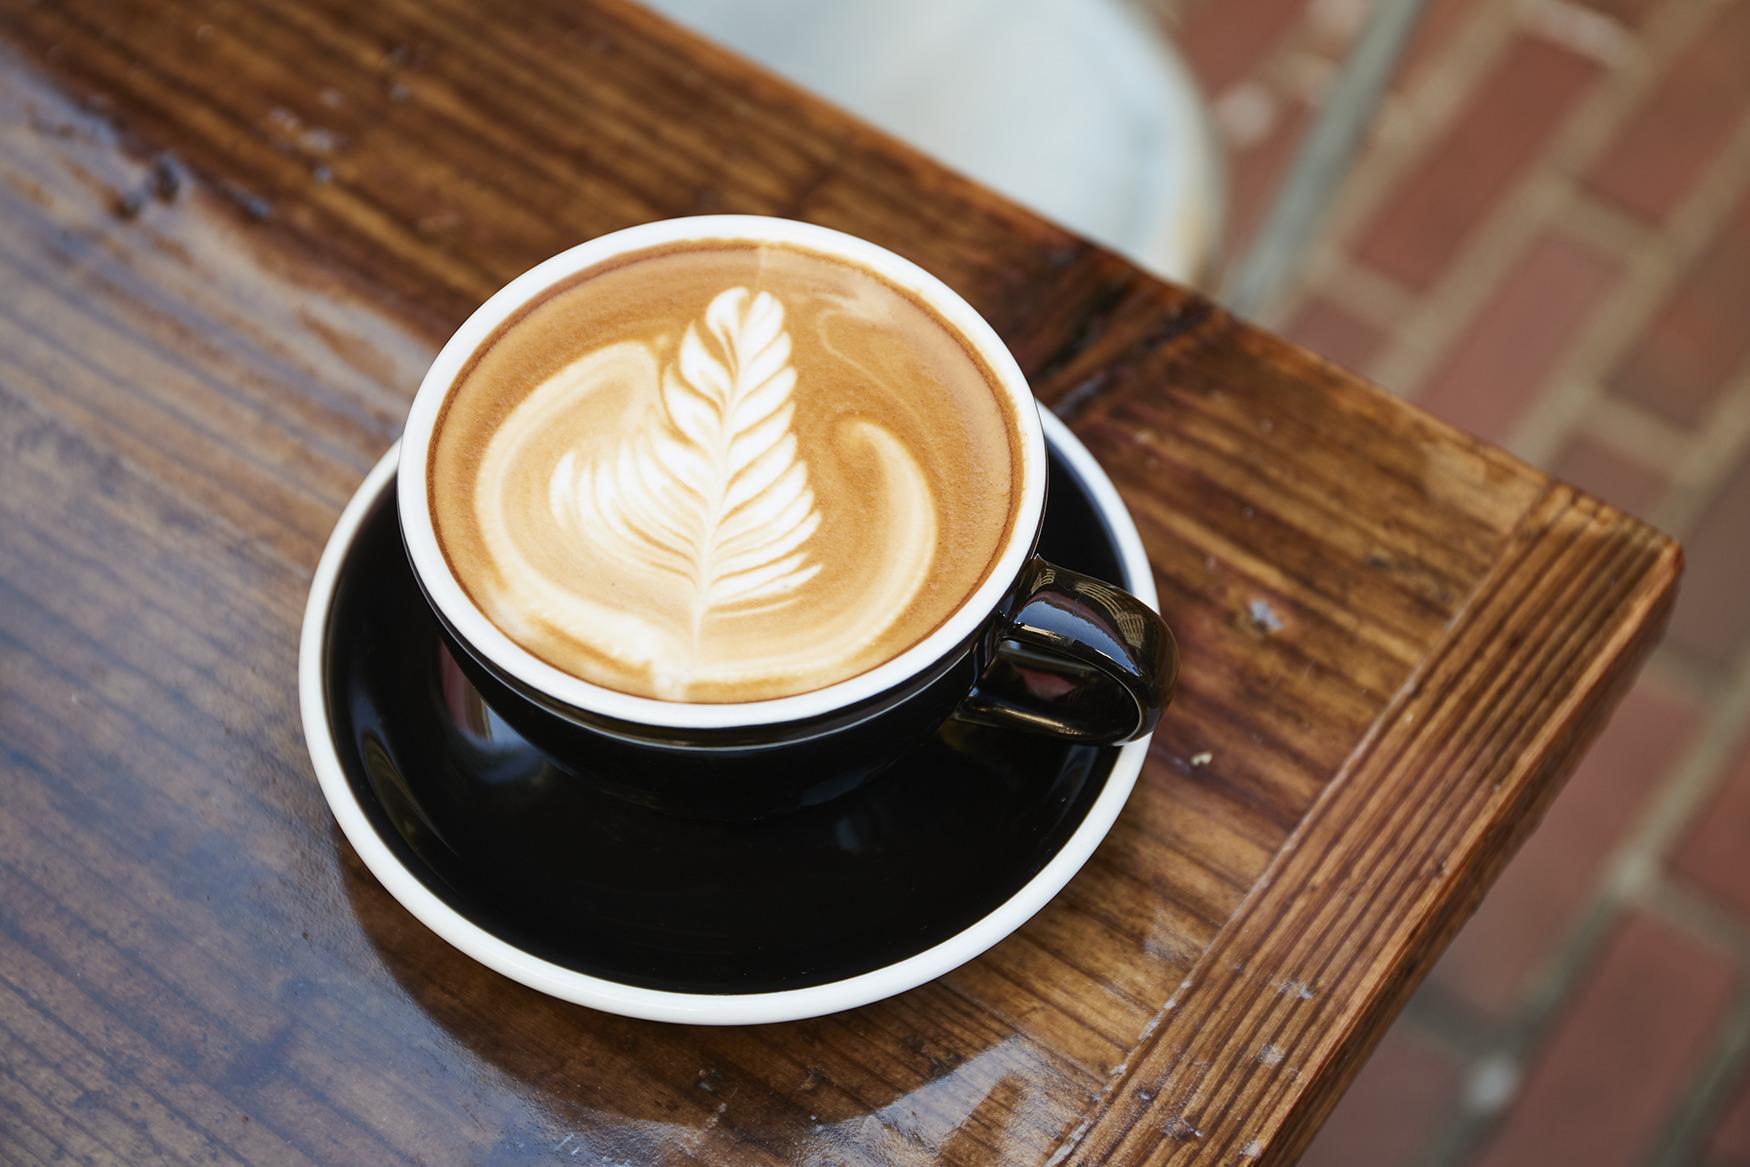 まるでアメリカ!?なレストラン&カフェが続々オープン。旅行気分で楽しもう!【注目のニューオープン情報】